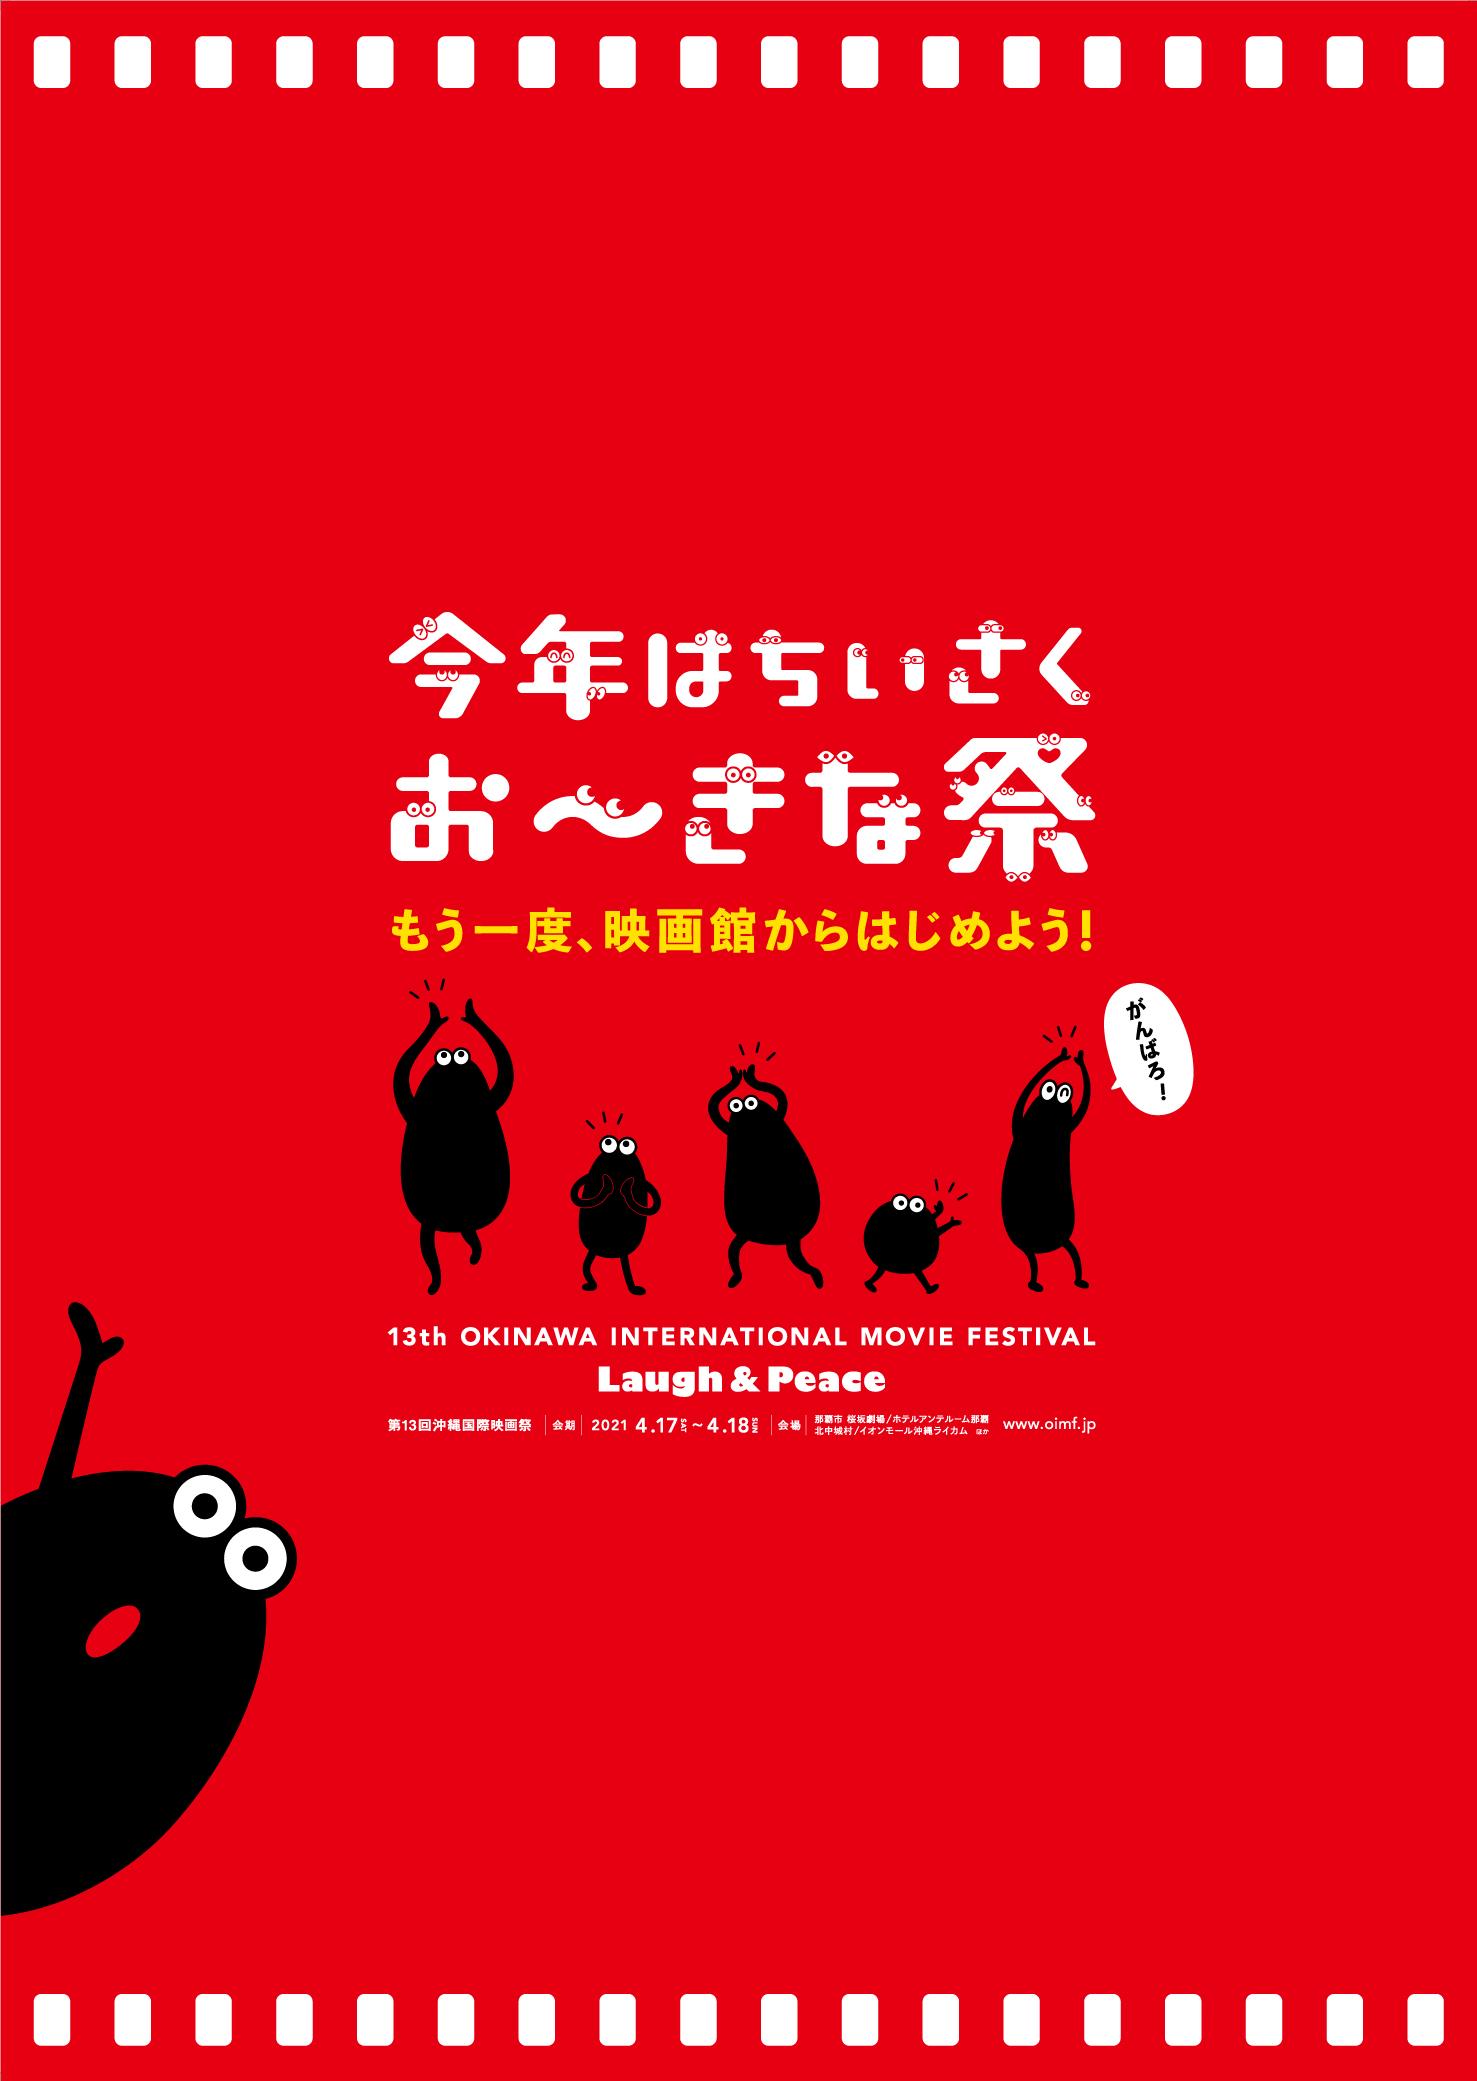 『島ぜんぶでおーきな祭 第13回沖縄国際映画祭』開催の結果報告